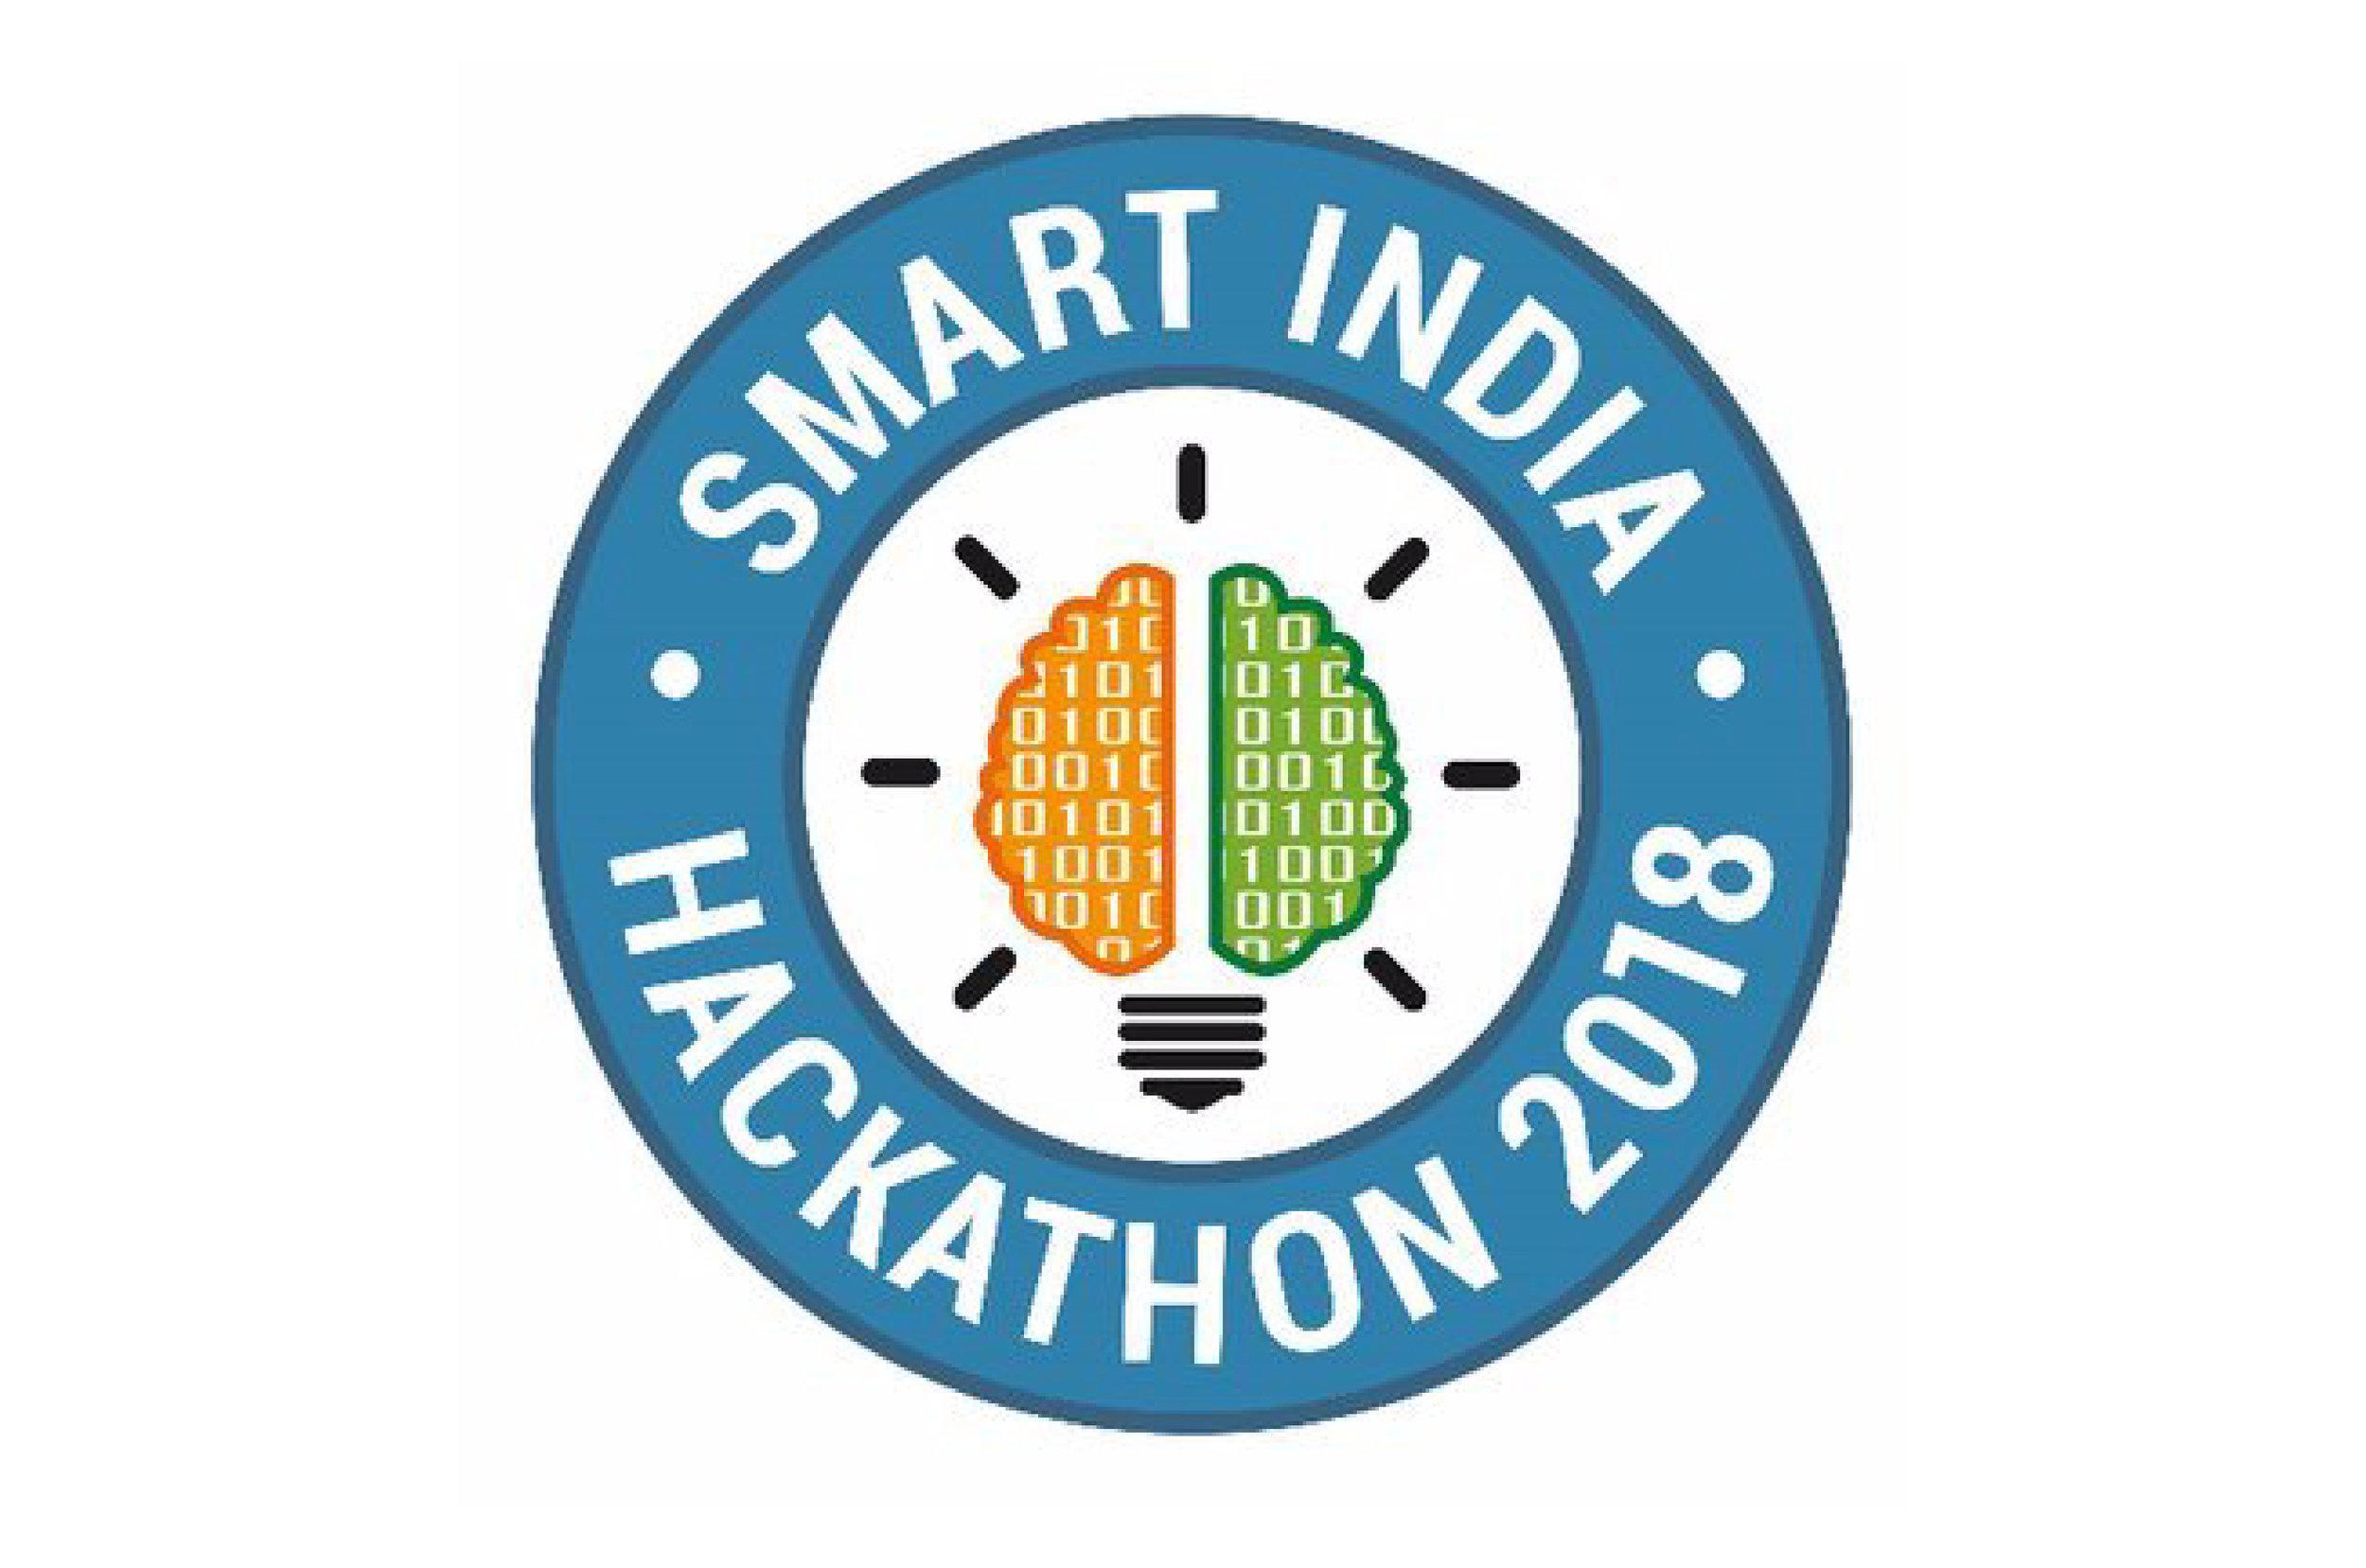 Smart India Hackathon_Elephant Design_Pune, Singapore.jpg